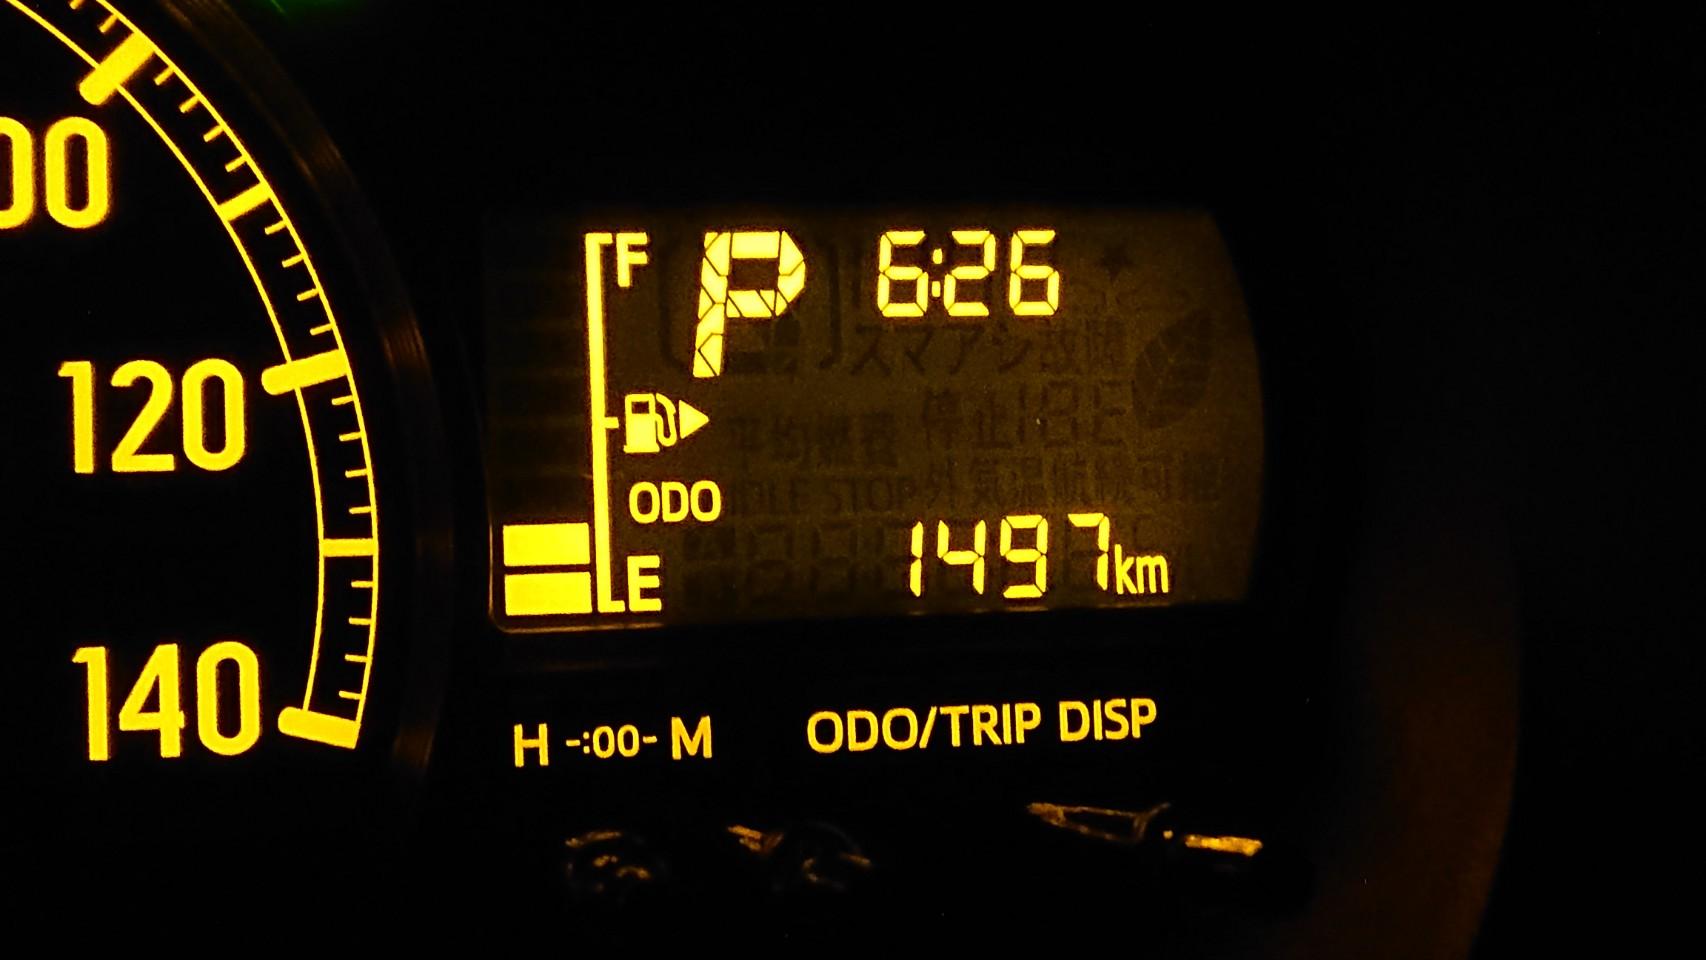 1,497kmオイル交換